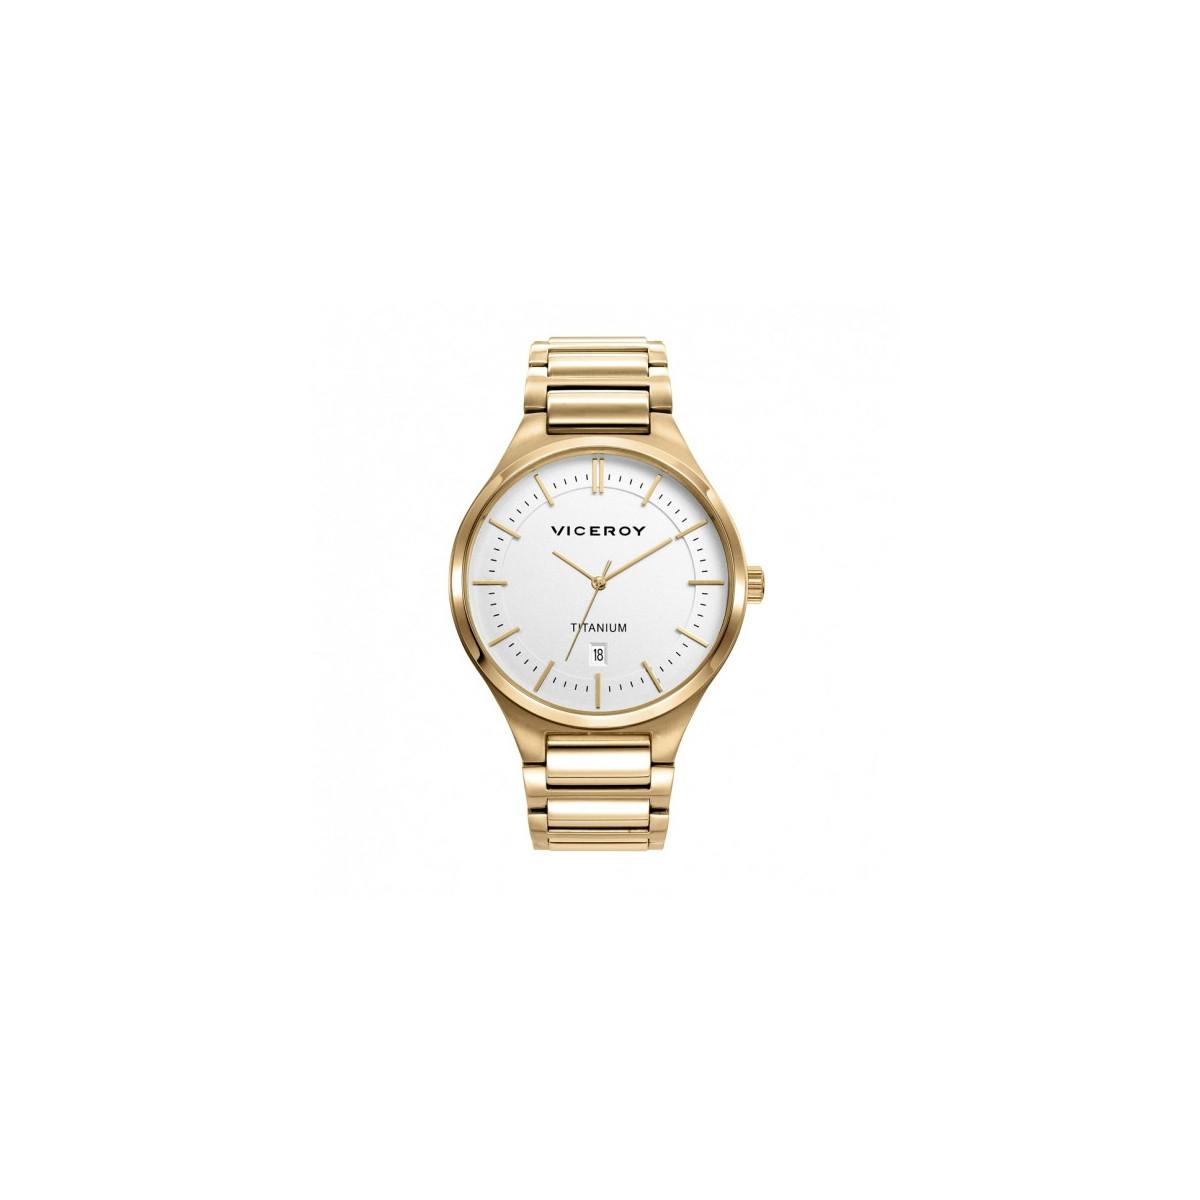 Reloj Viceroy Grand Titanio Dorado Hombre 471237-07